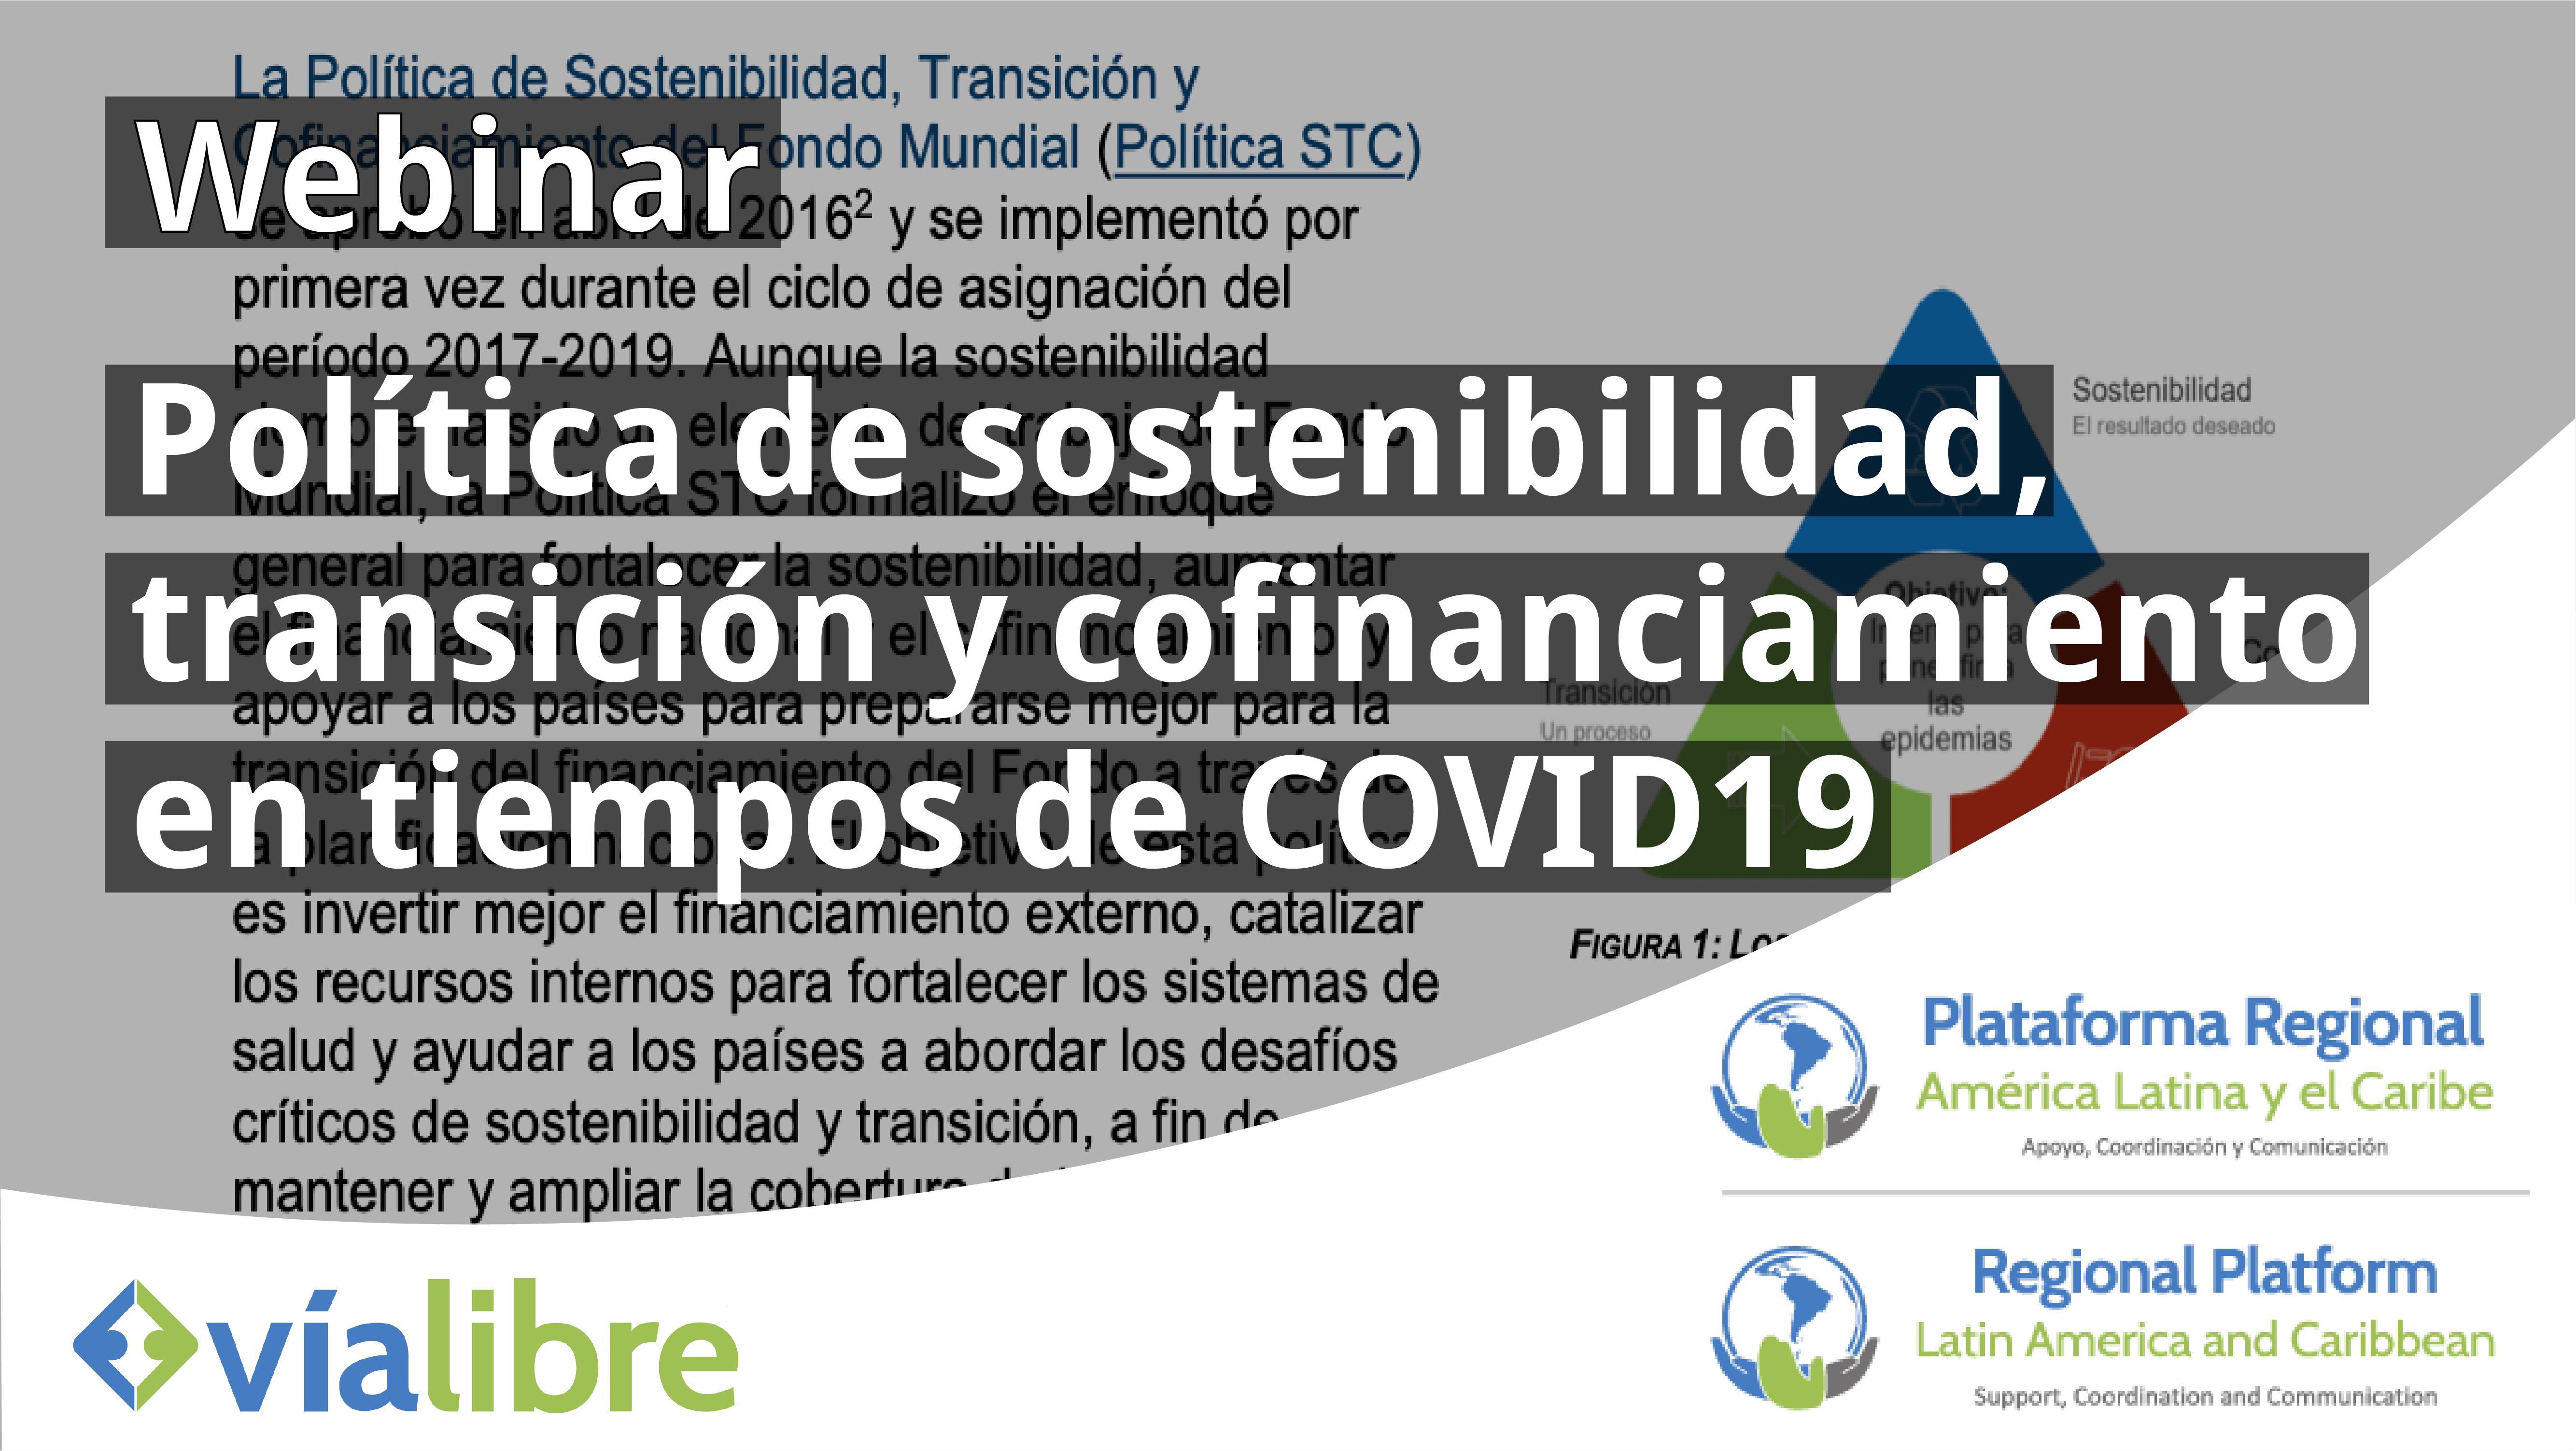 Webinario: La política de sostenibilidad, transición y cofinanciamiento en tiempos de Covid en América Latina y el Caribe